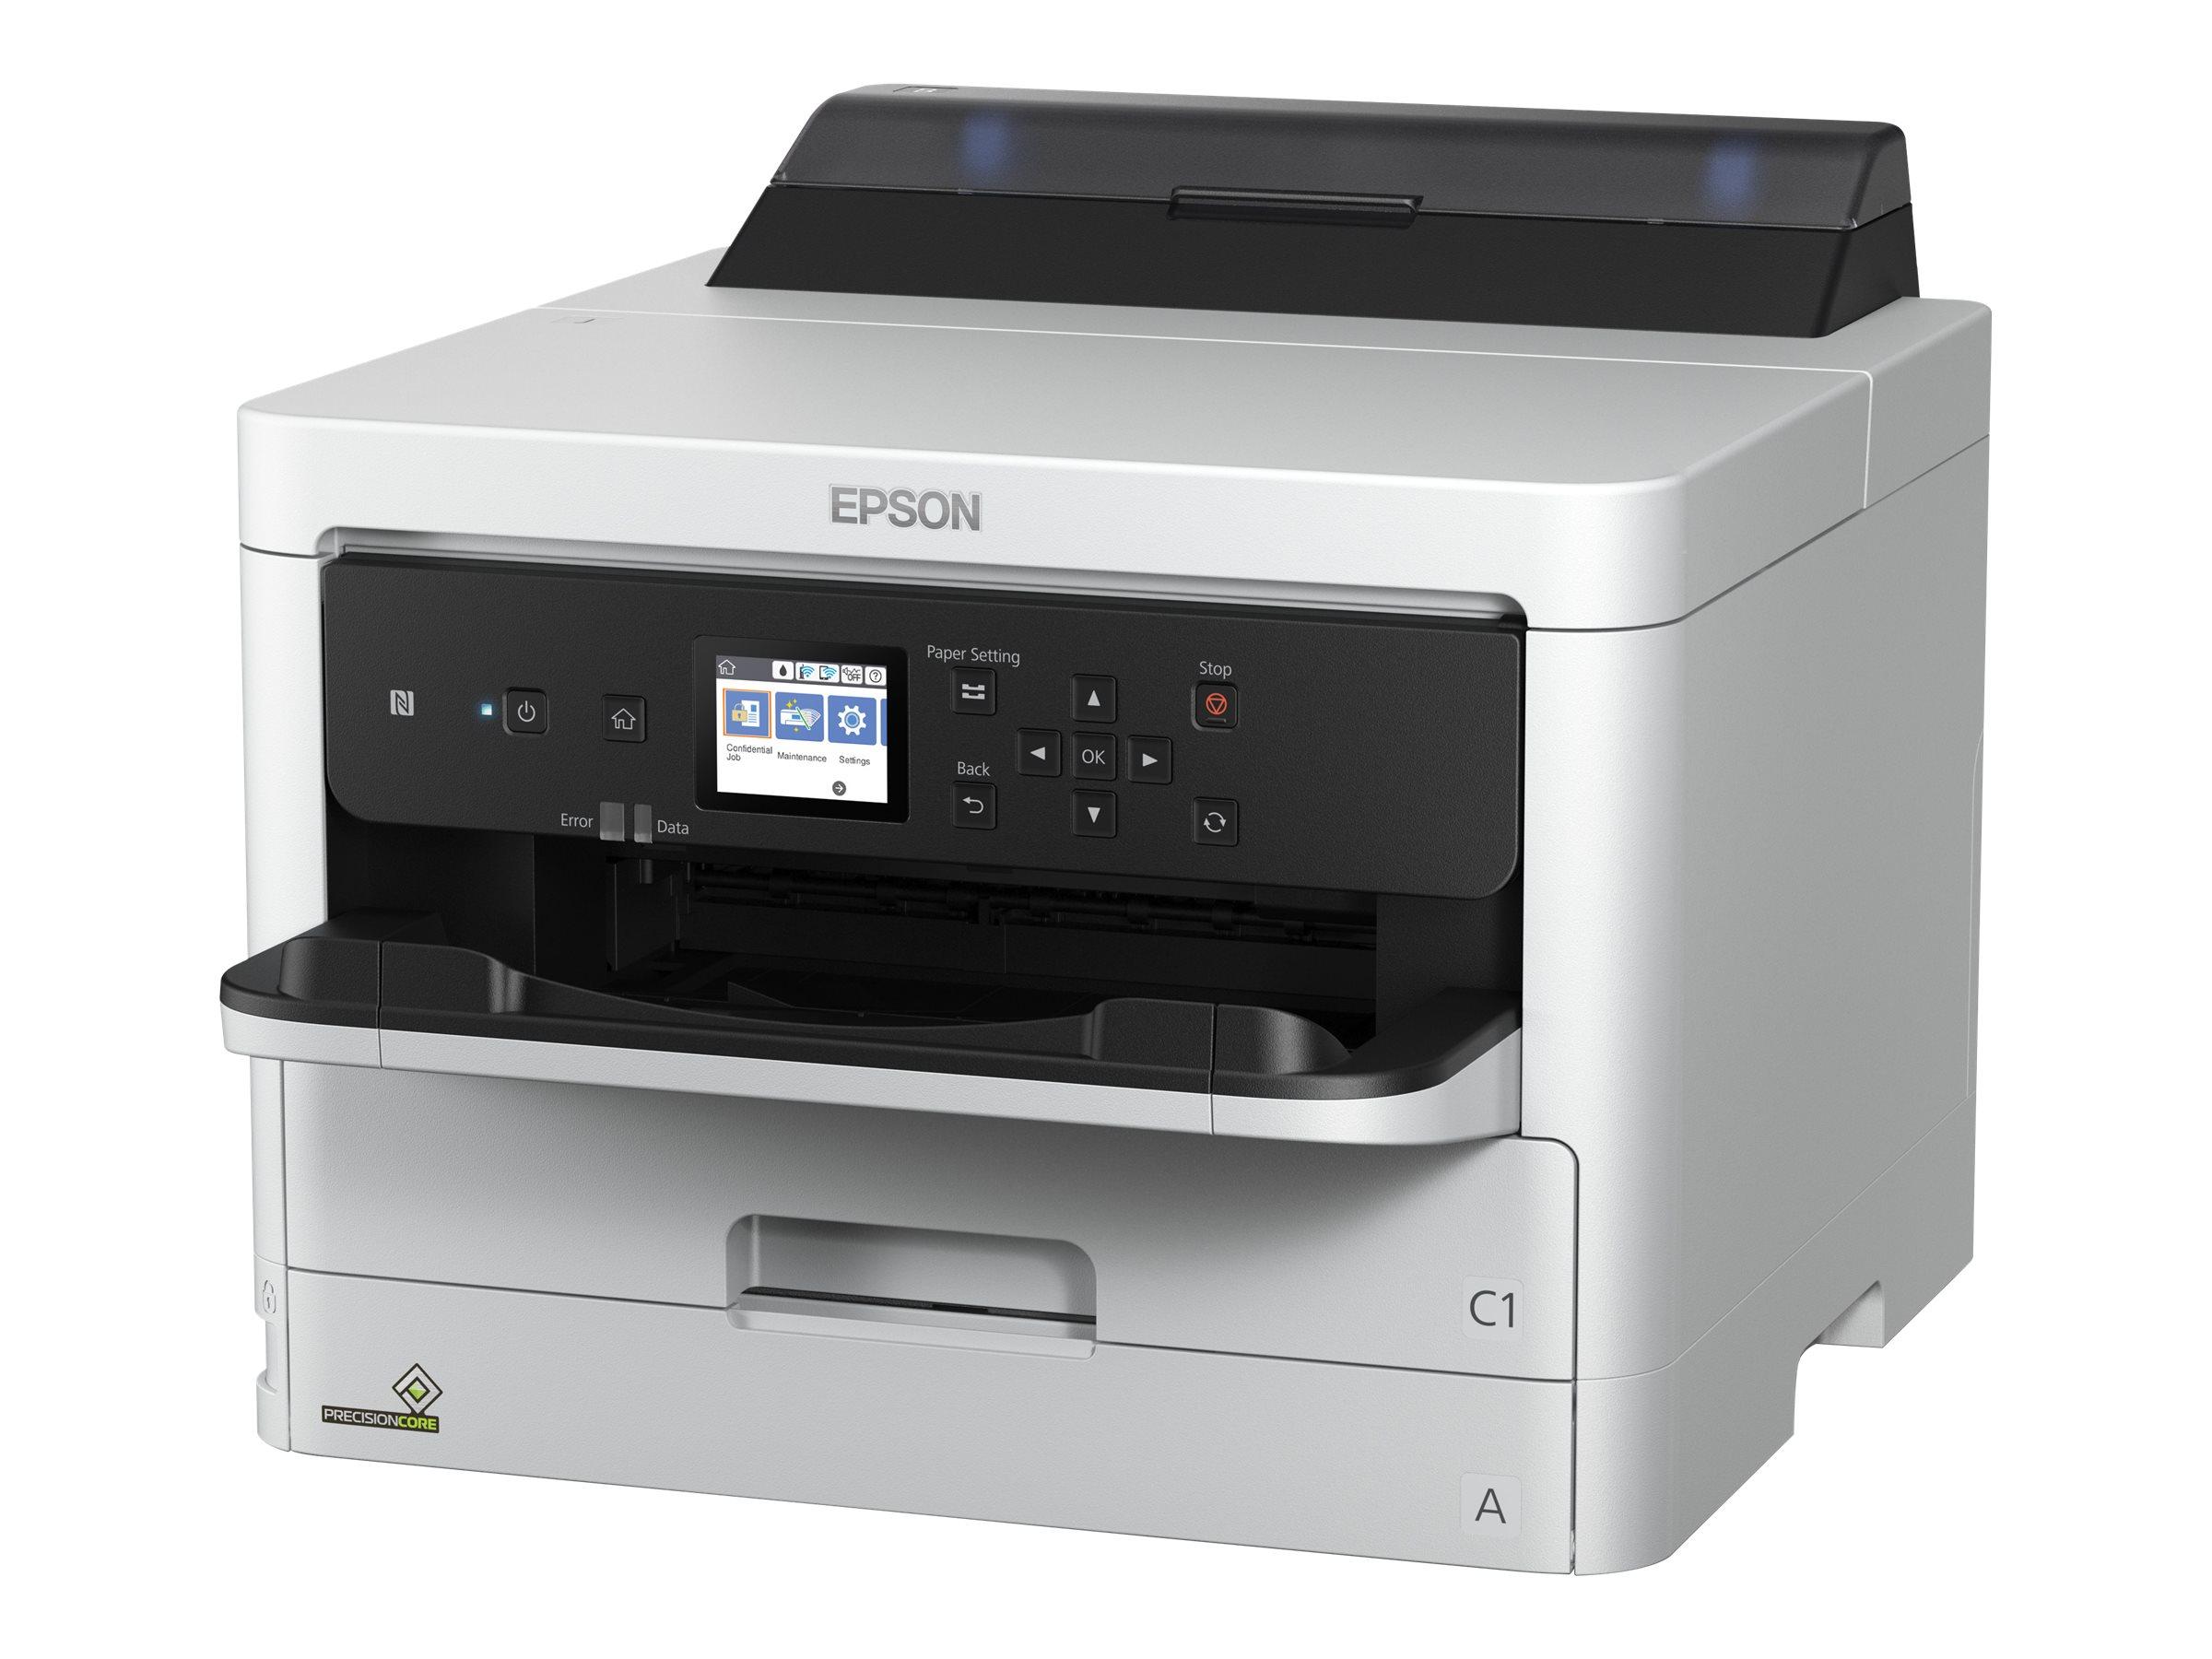 Epson WorkForce Pro WF-C5210DW - Drucker - Farbe - Duplex - Tintenstrahl - A4/Legal - 4800 x 1200 dpi - bis zu 34 Seiten/Min. (einfarbig)/